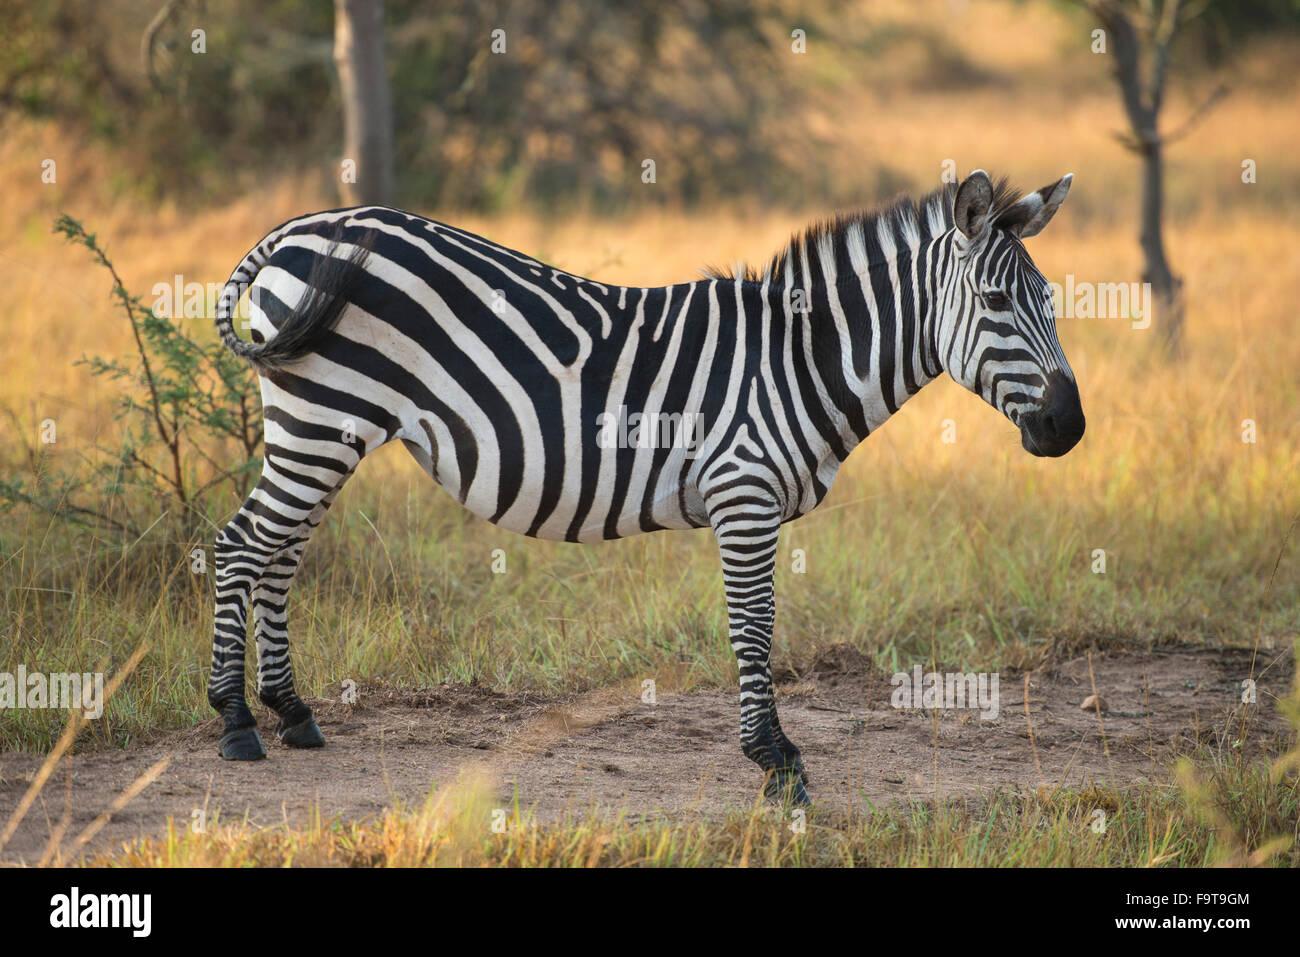 La cebra de Burchell (Equus burchellii), el Parque Nacional del Lago Mburo, Uganda Imagen De Stock